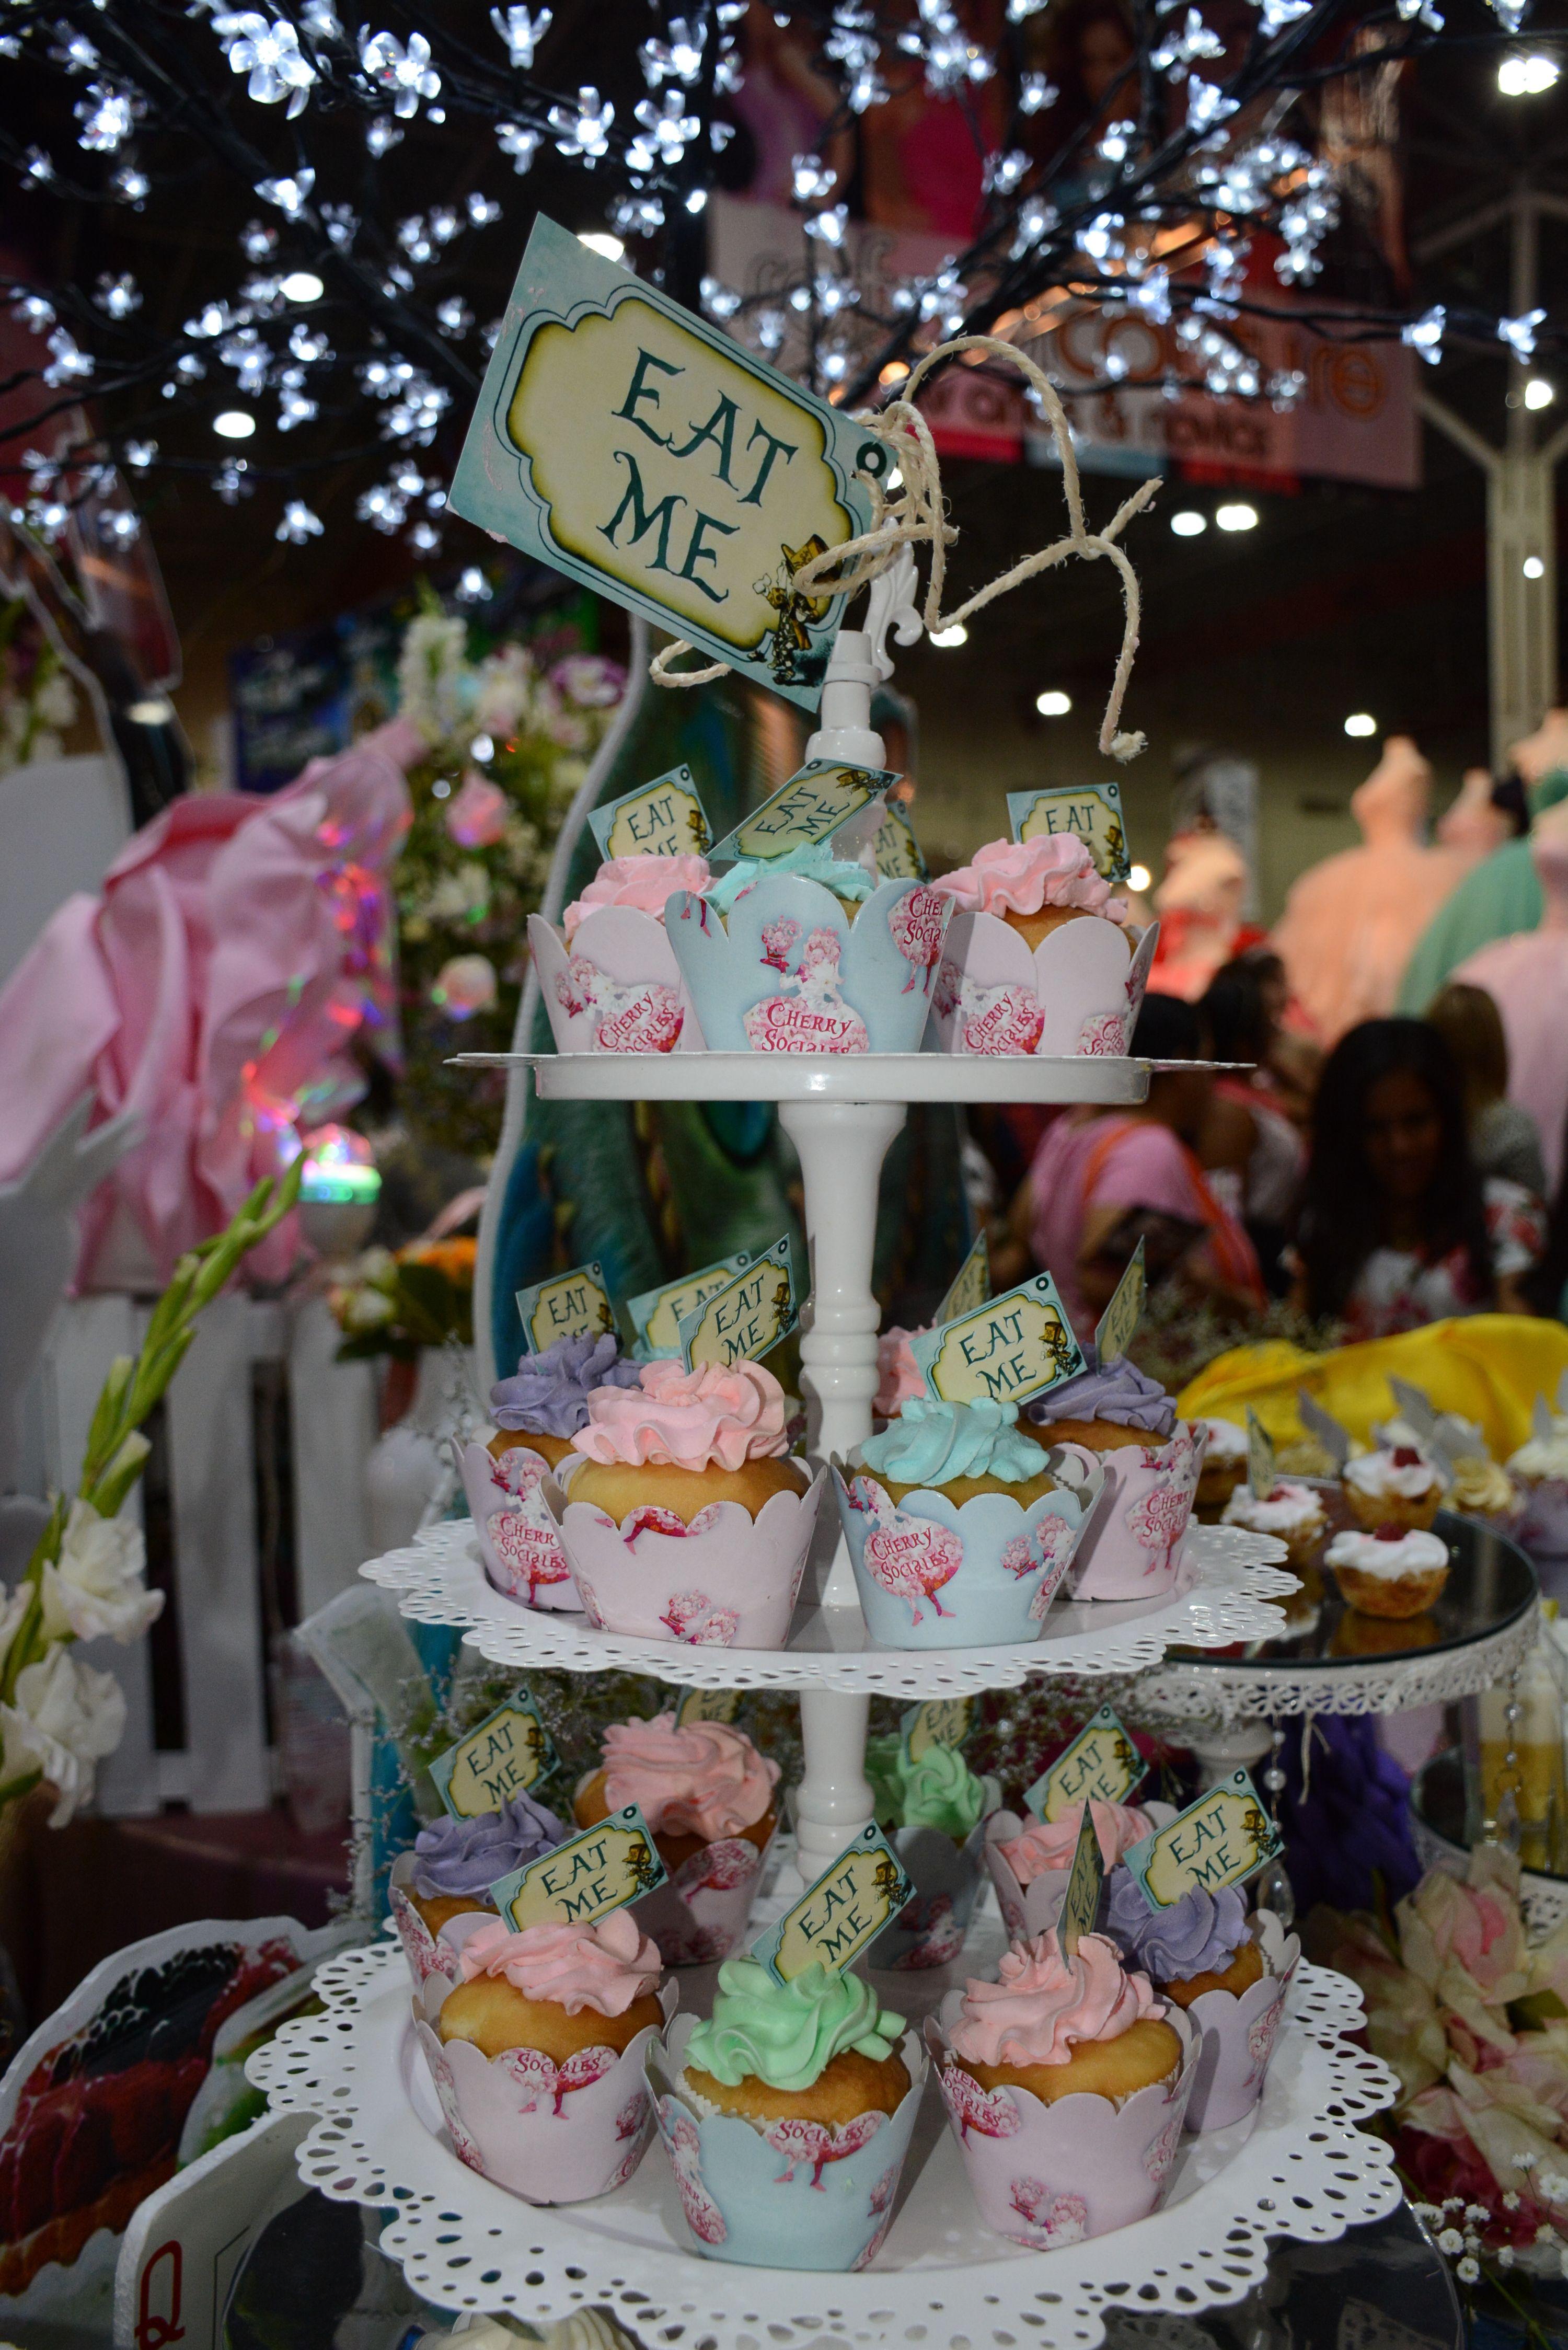 Mesa de Dulces para quince años #quinceaños #quince #XV #mesadedulces  #candy #expoquinceañera | Mesa de dulces, Dulces, Mis xv años